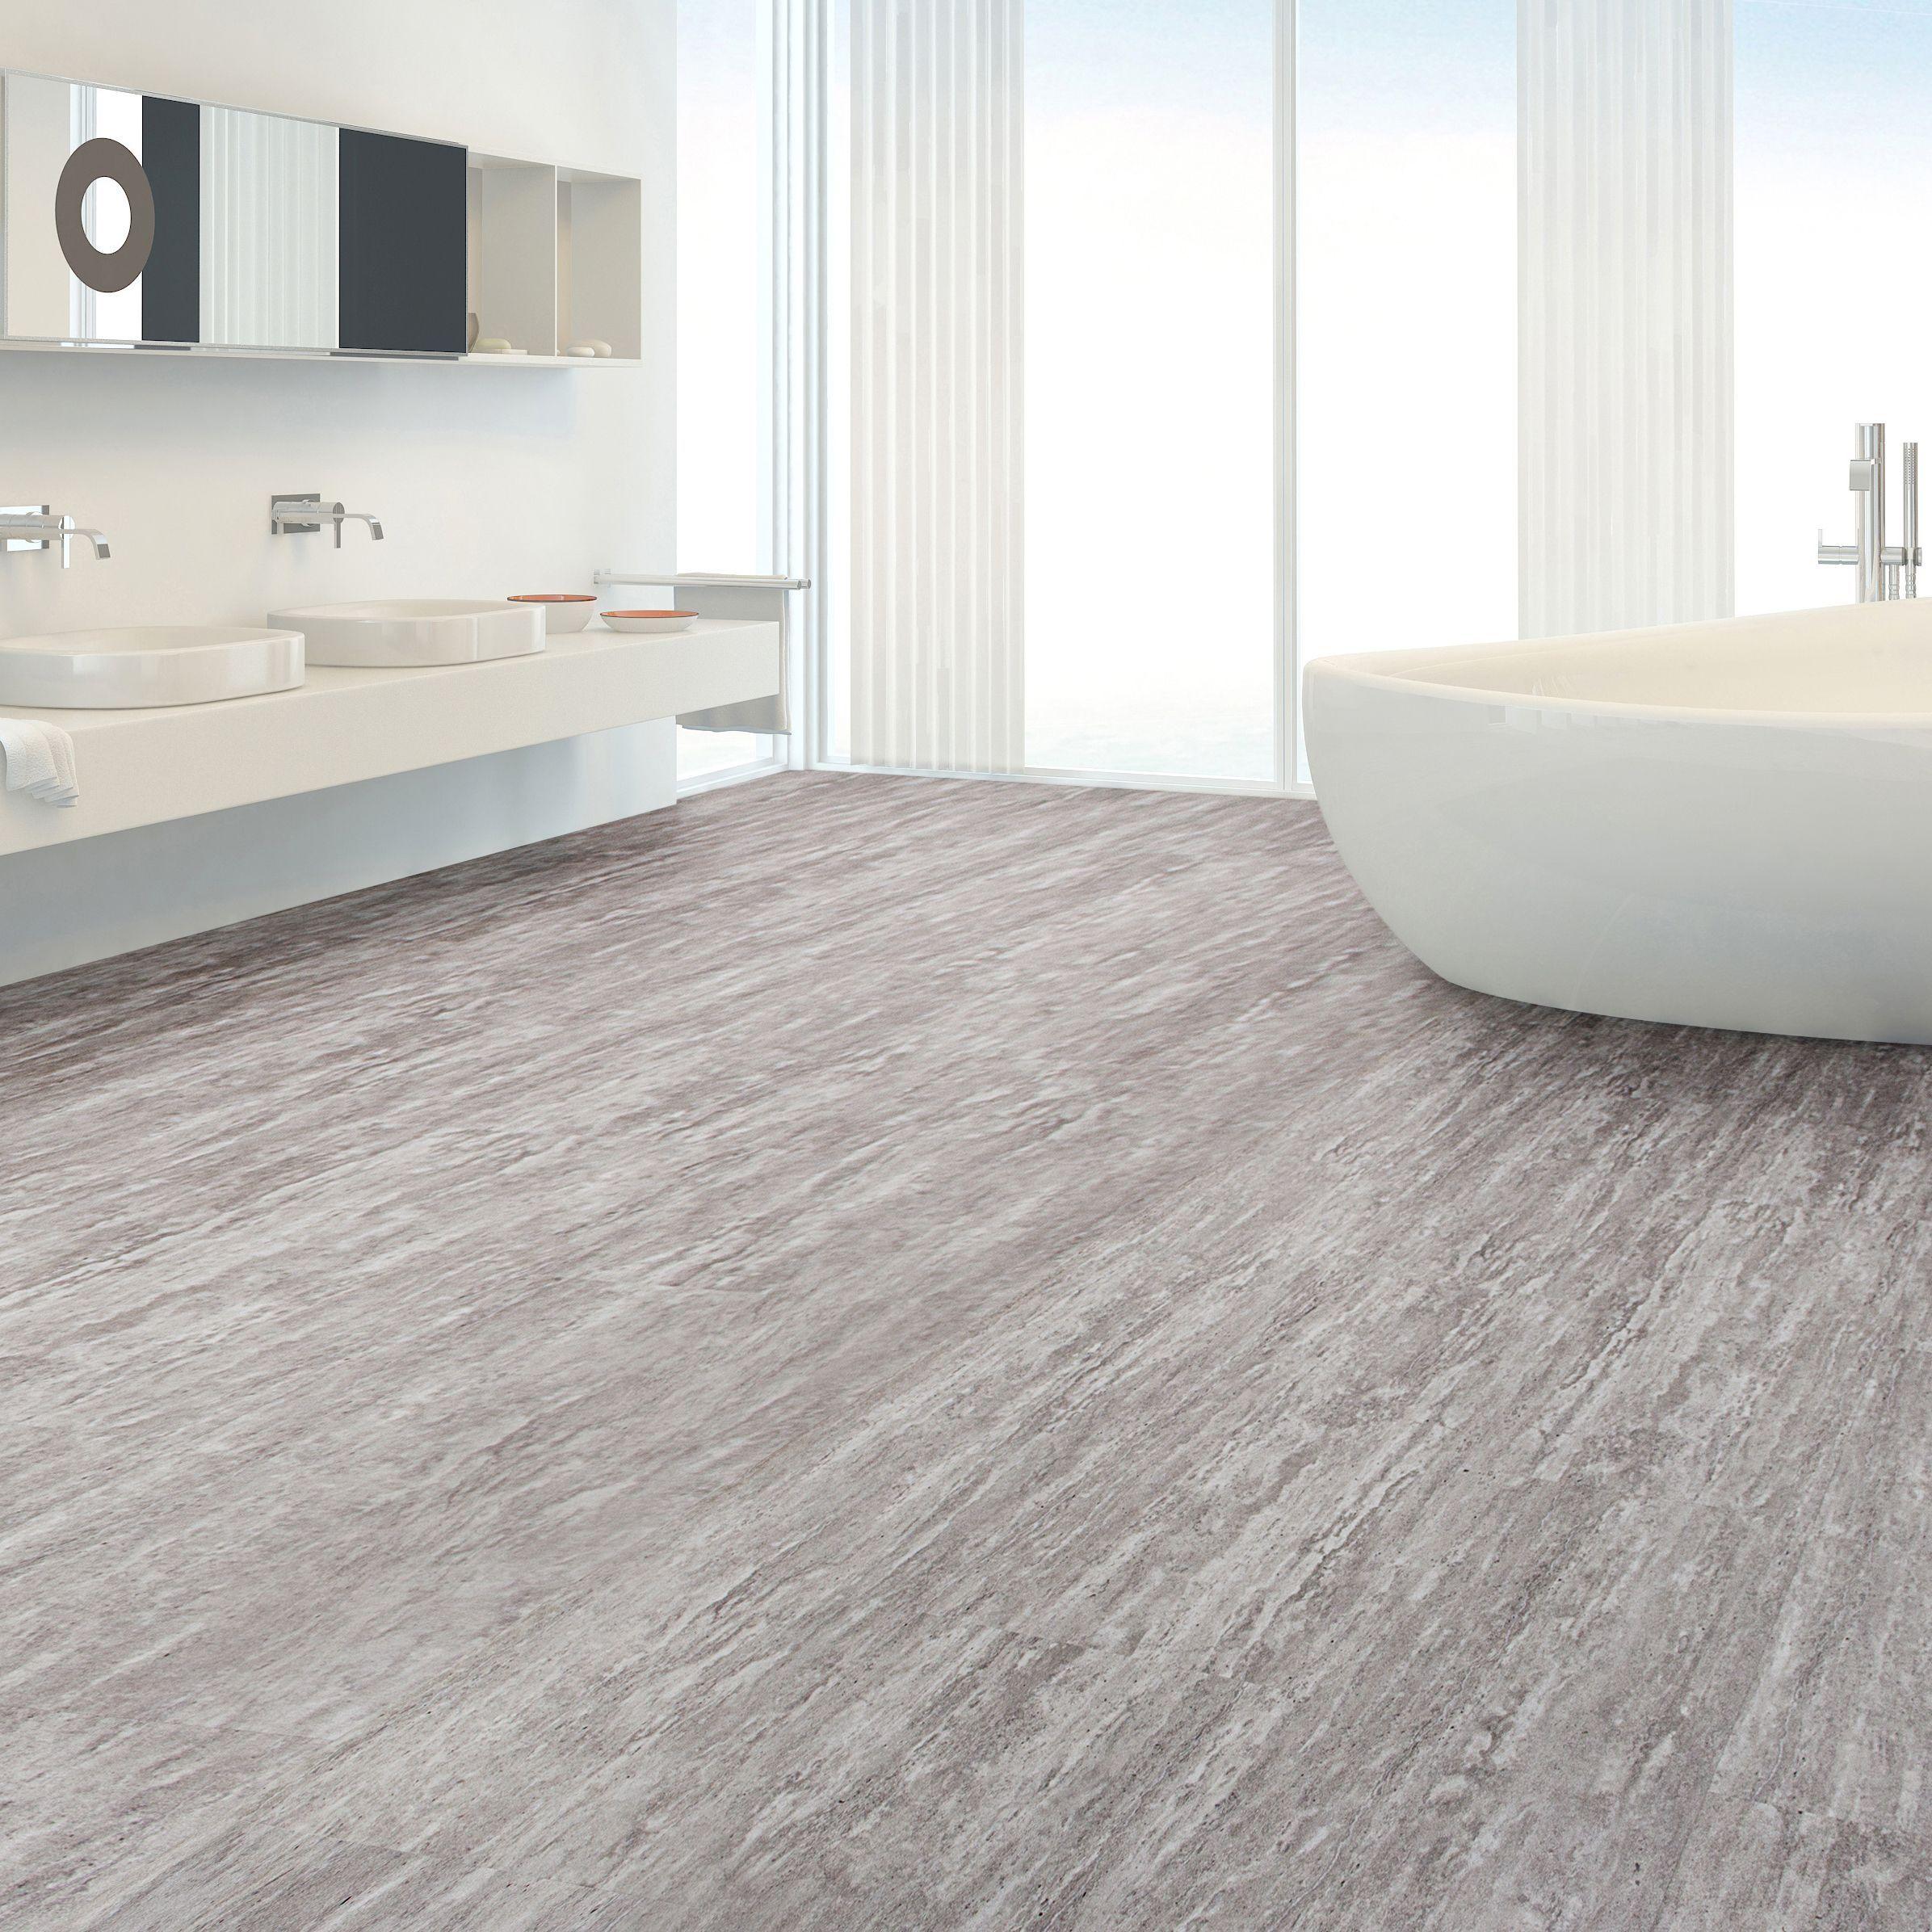 Grey Natural Stone Effect Waterproof Luxury Vinyl Flooring Pack 2 22m² Departments Diy At B Q